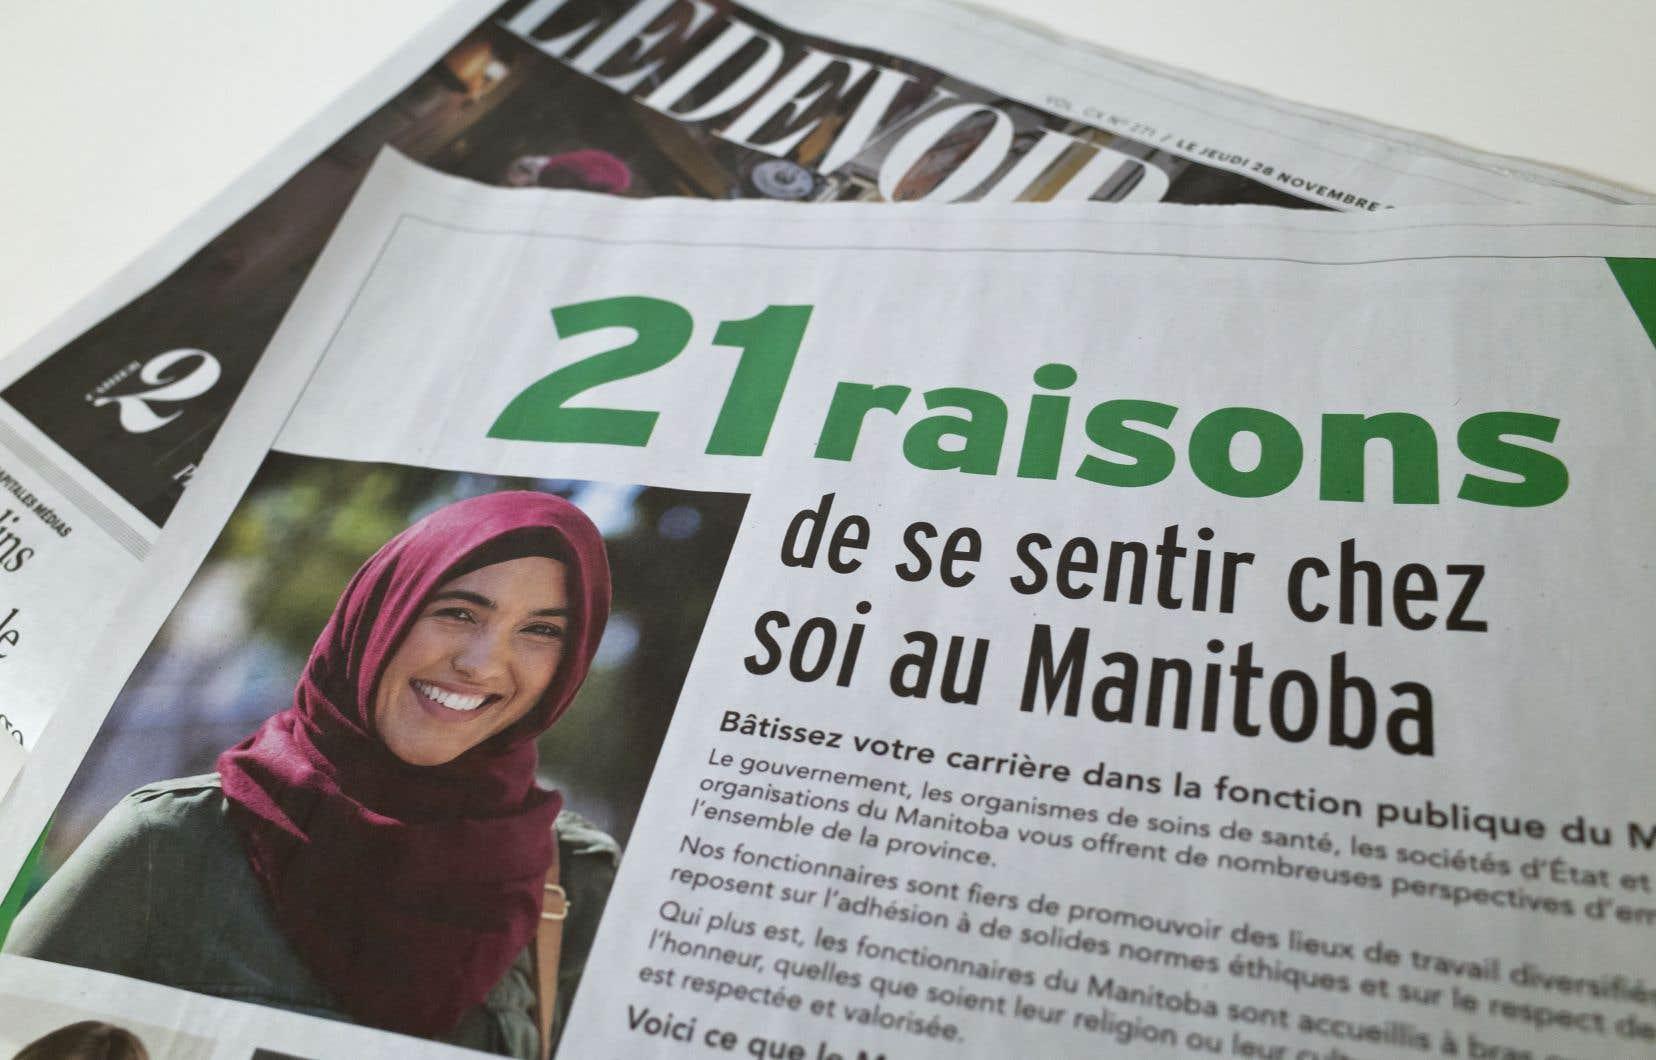 La campagne manitobaine énumérait «21 raisons» pour lesquelles les fonctionnaires du Québec devraient envisager de déménager au Manitoba, où on les respecterait, quelle que soit leur religion ou leur culture.